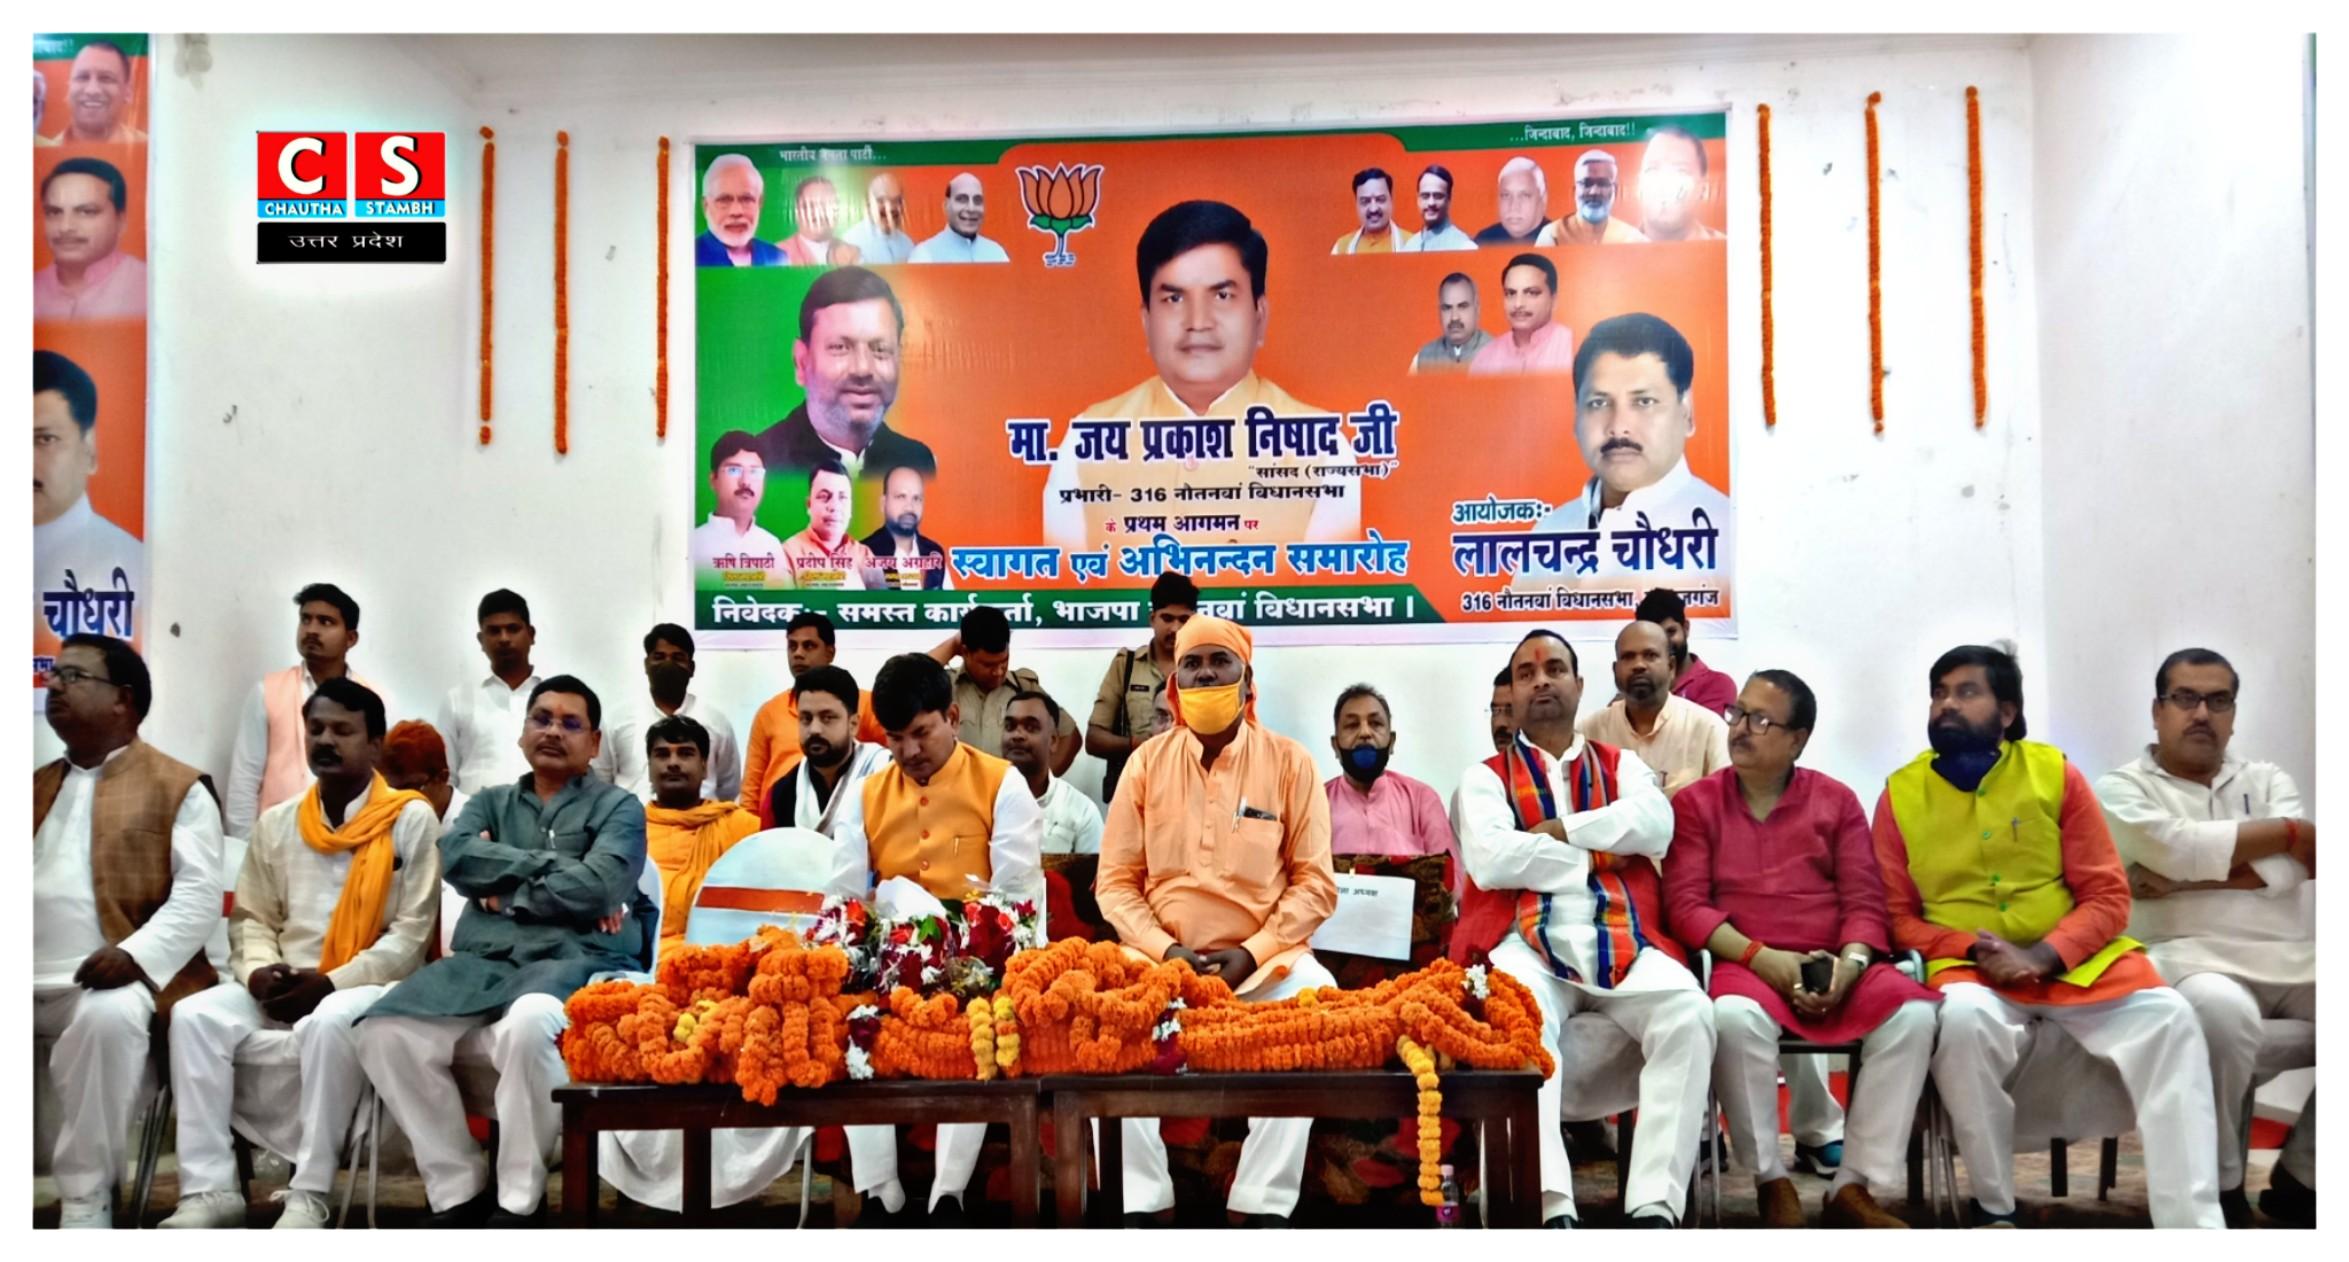 Brokers will be jailed in BJP government, Gundaraj will not run in Nautanwa #CSUP_NEWS_